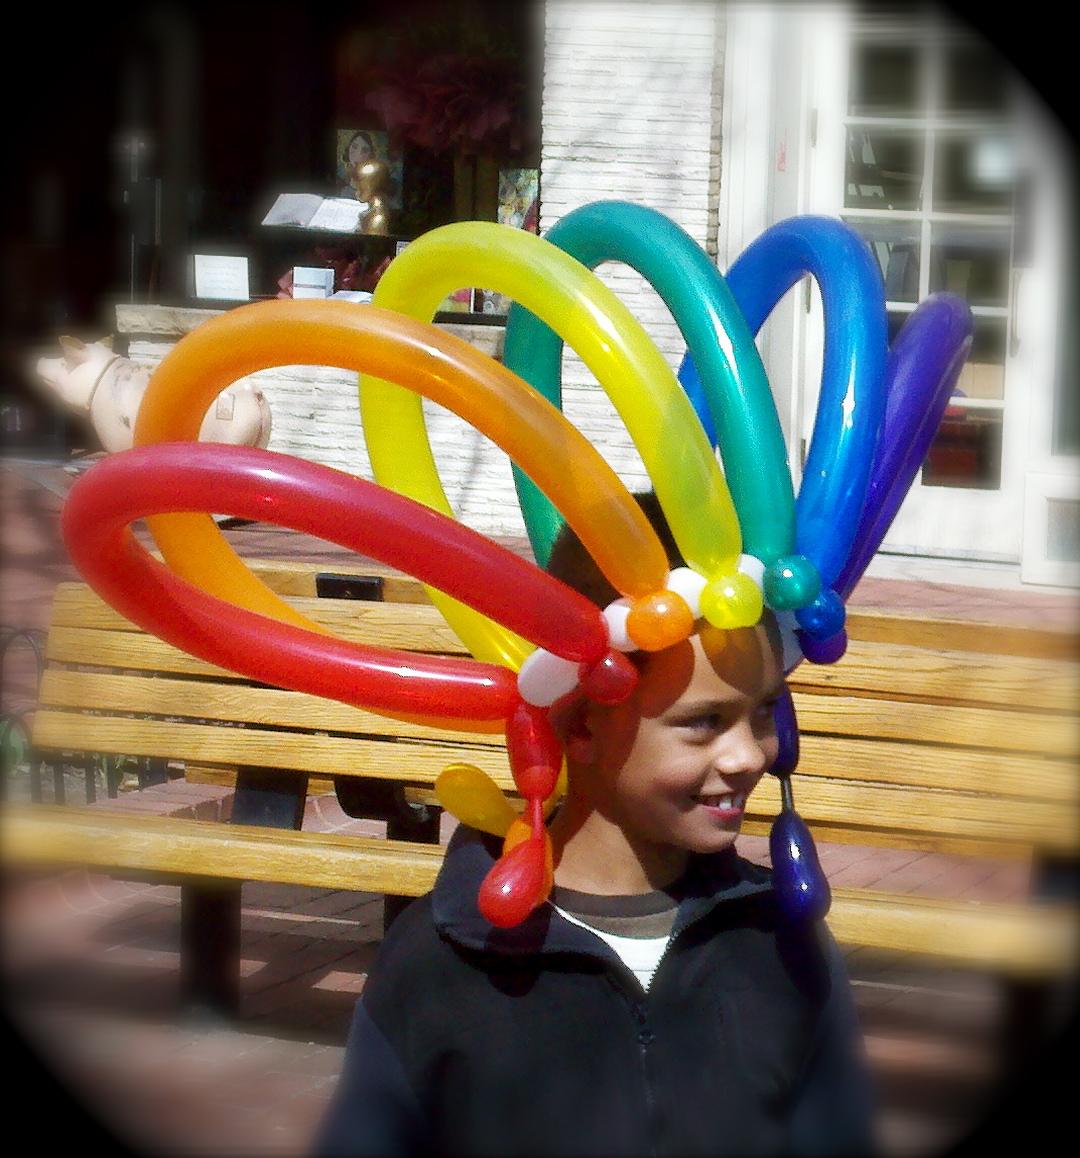 Balloon Hats